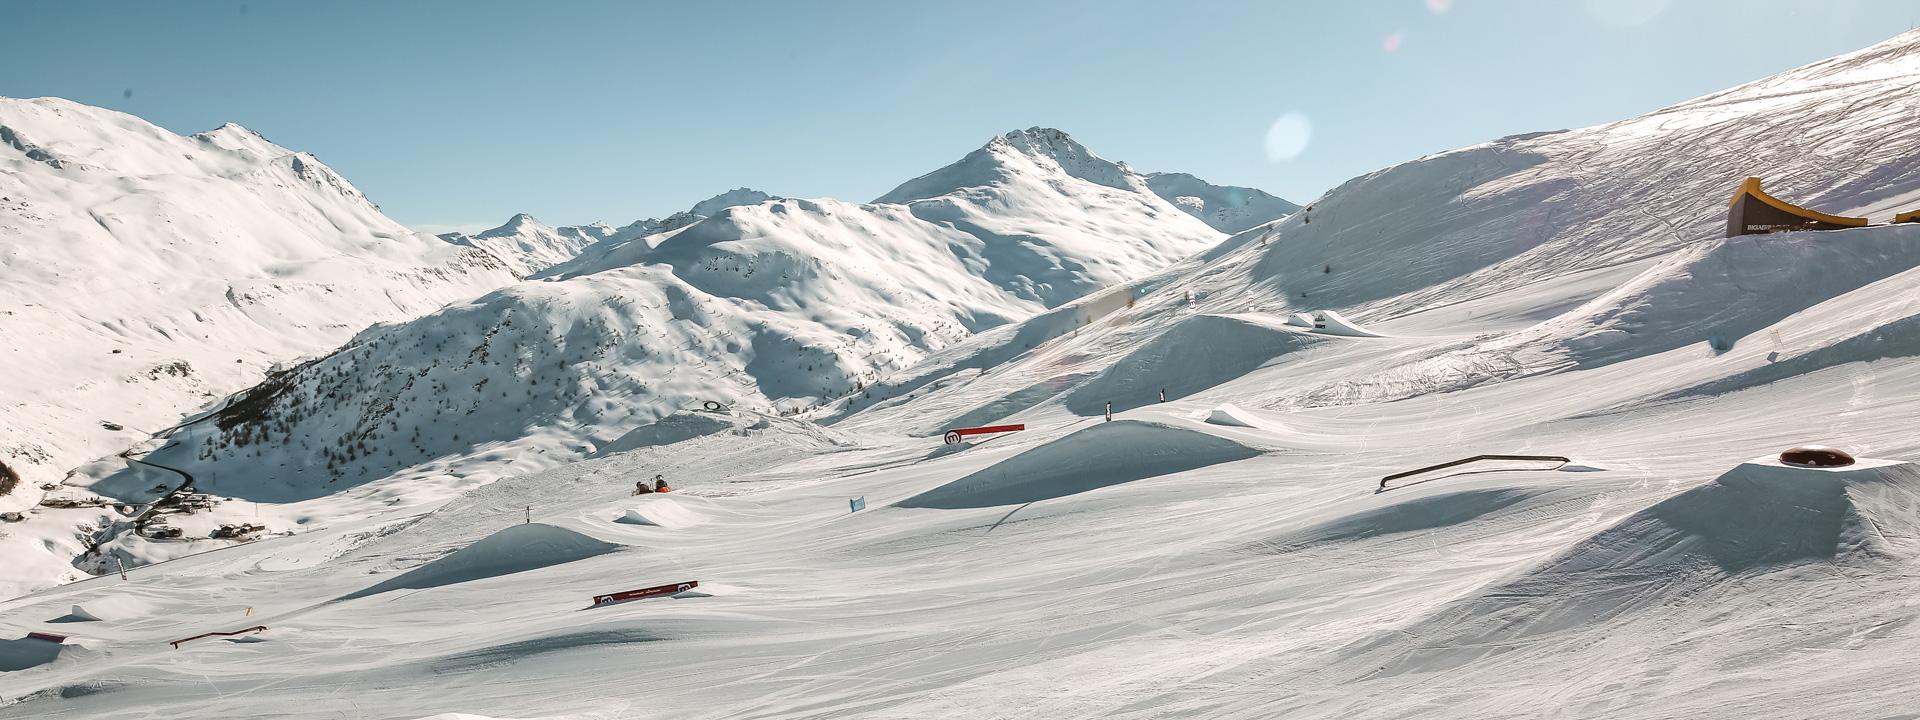 Panoramica dello snowpark Mottolino a Livigno